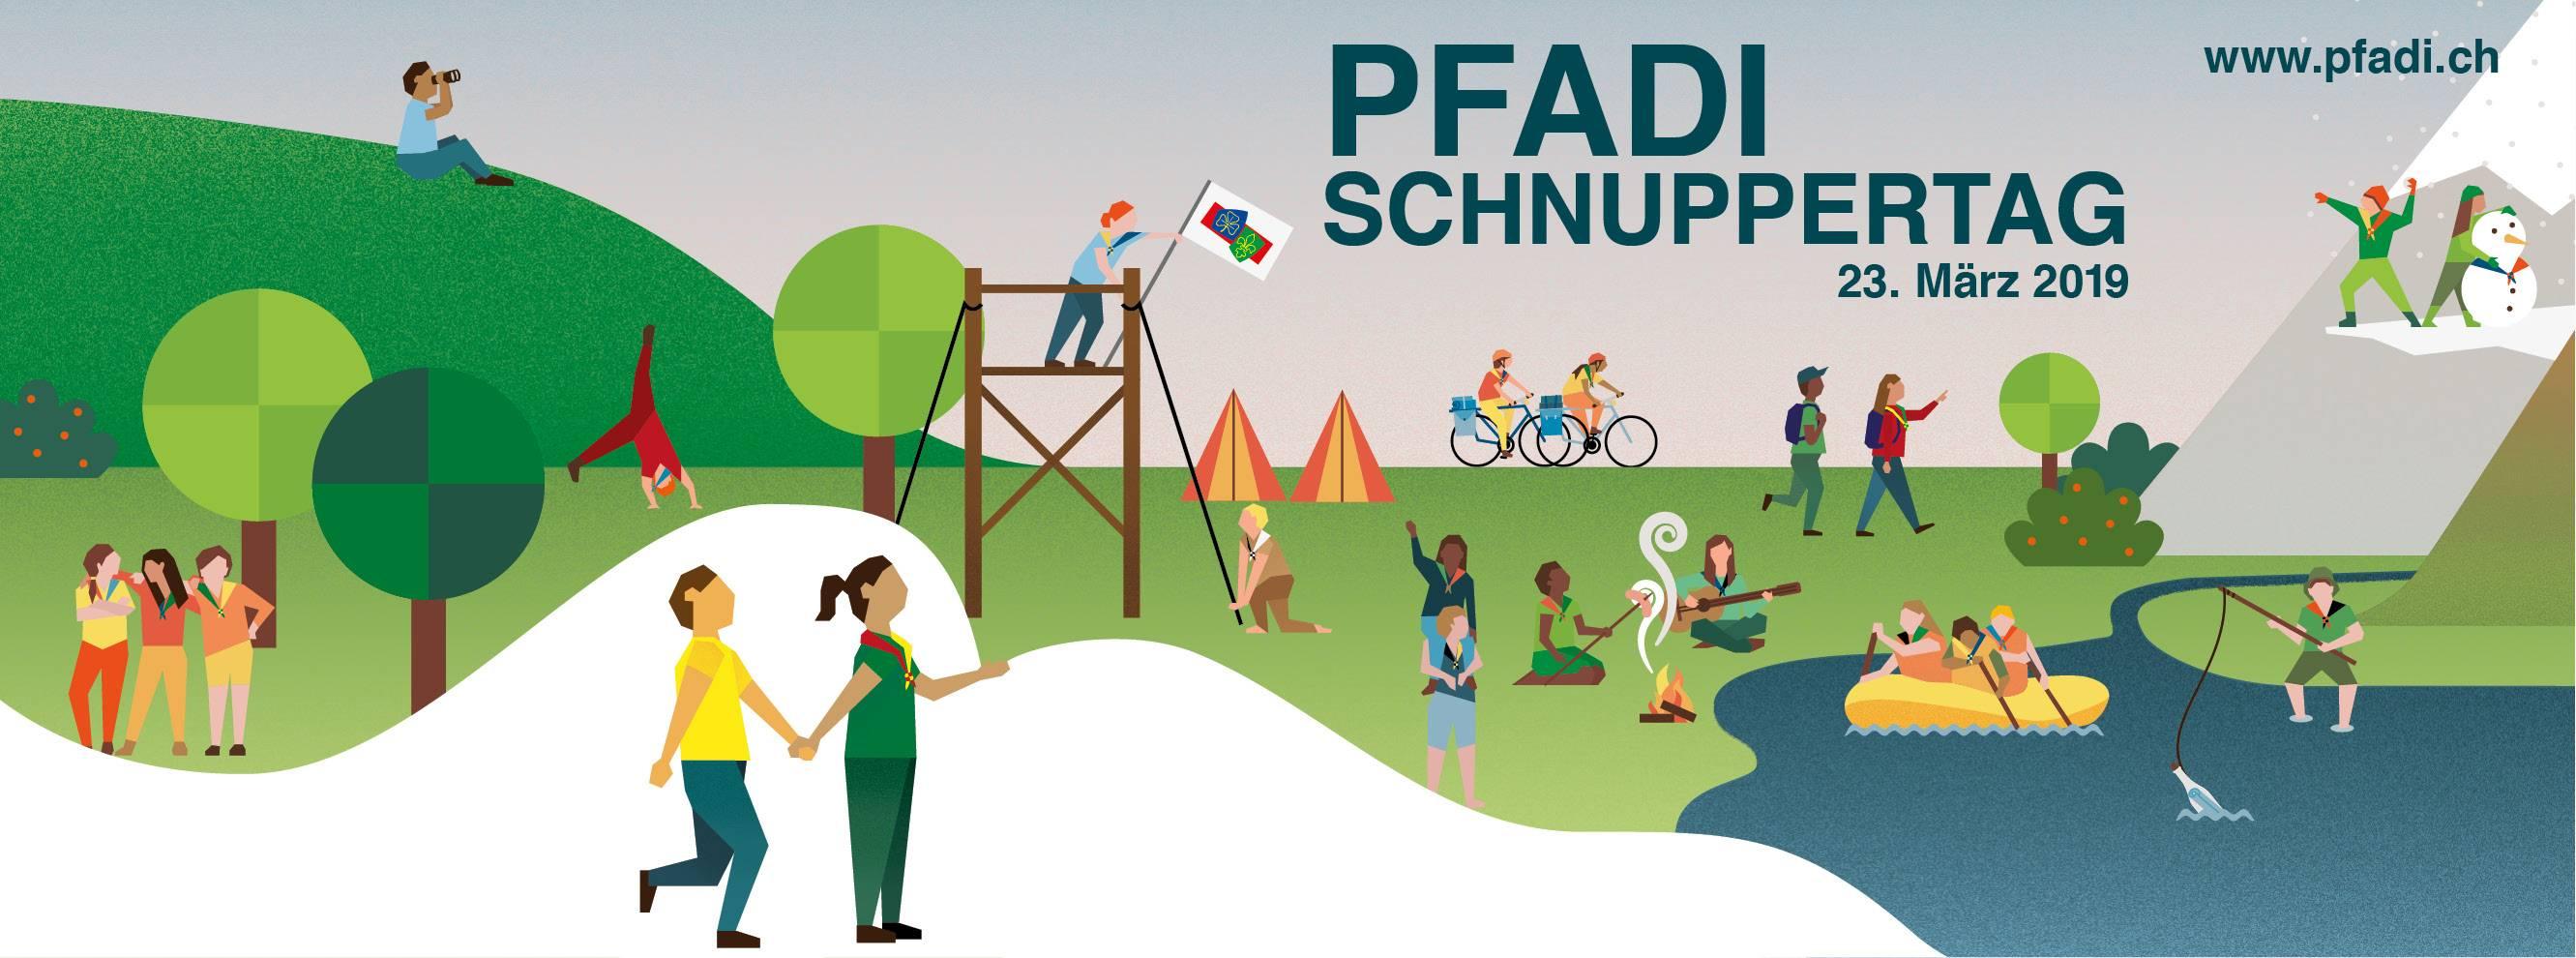 Pfadi Schnuppertag – 23. März 2019